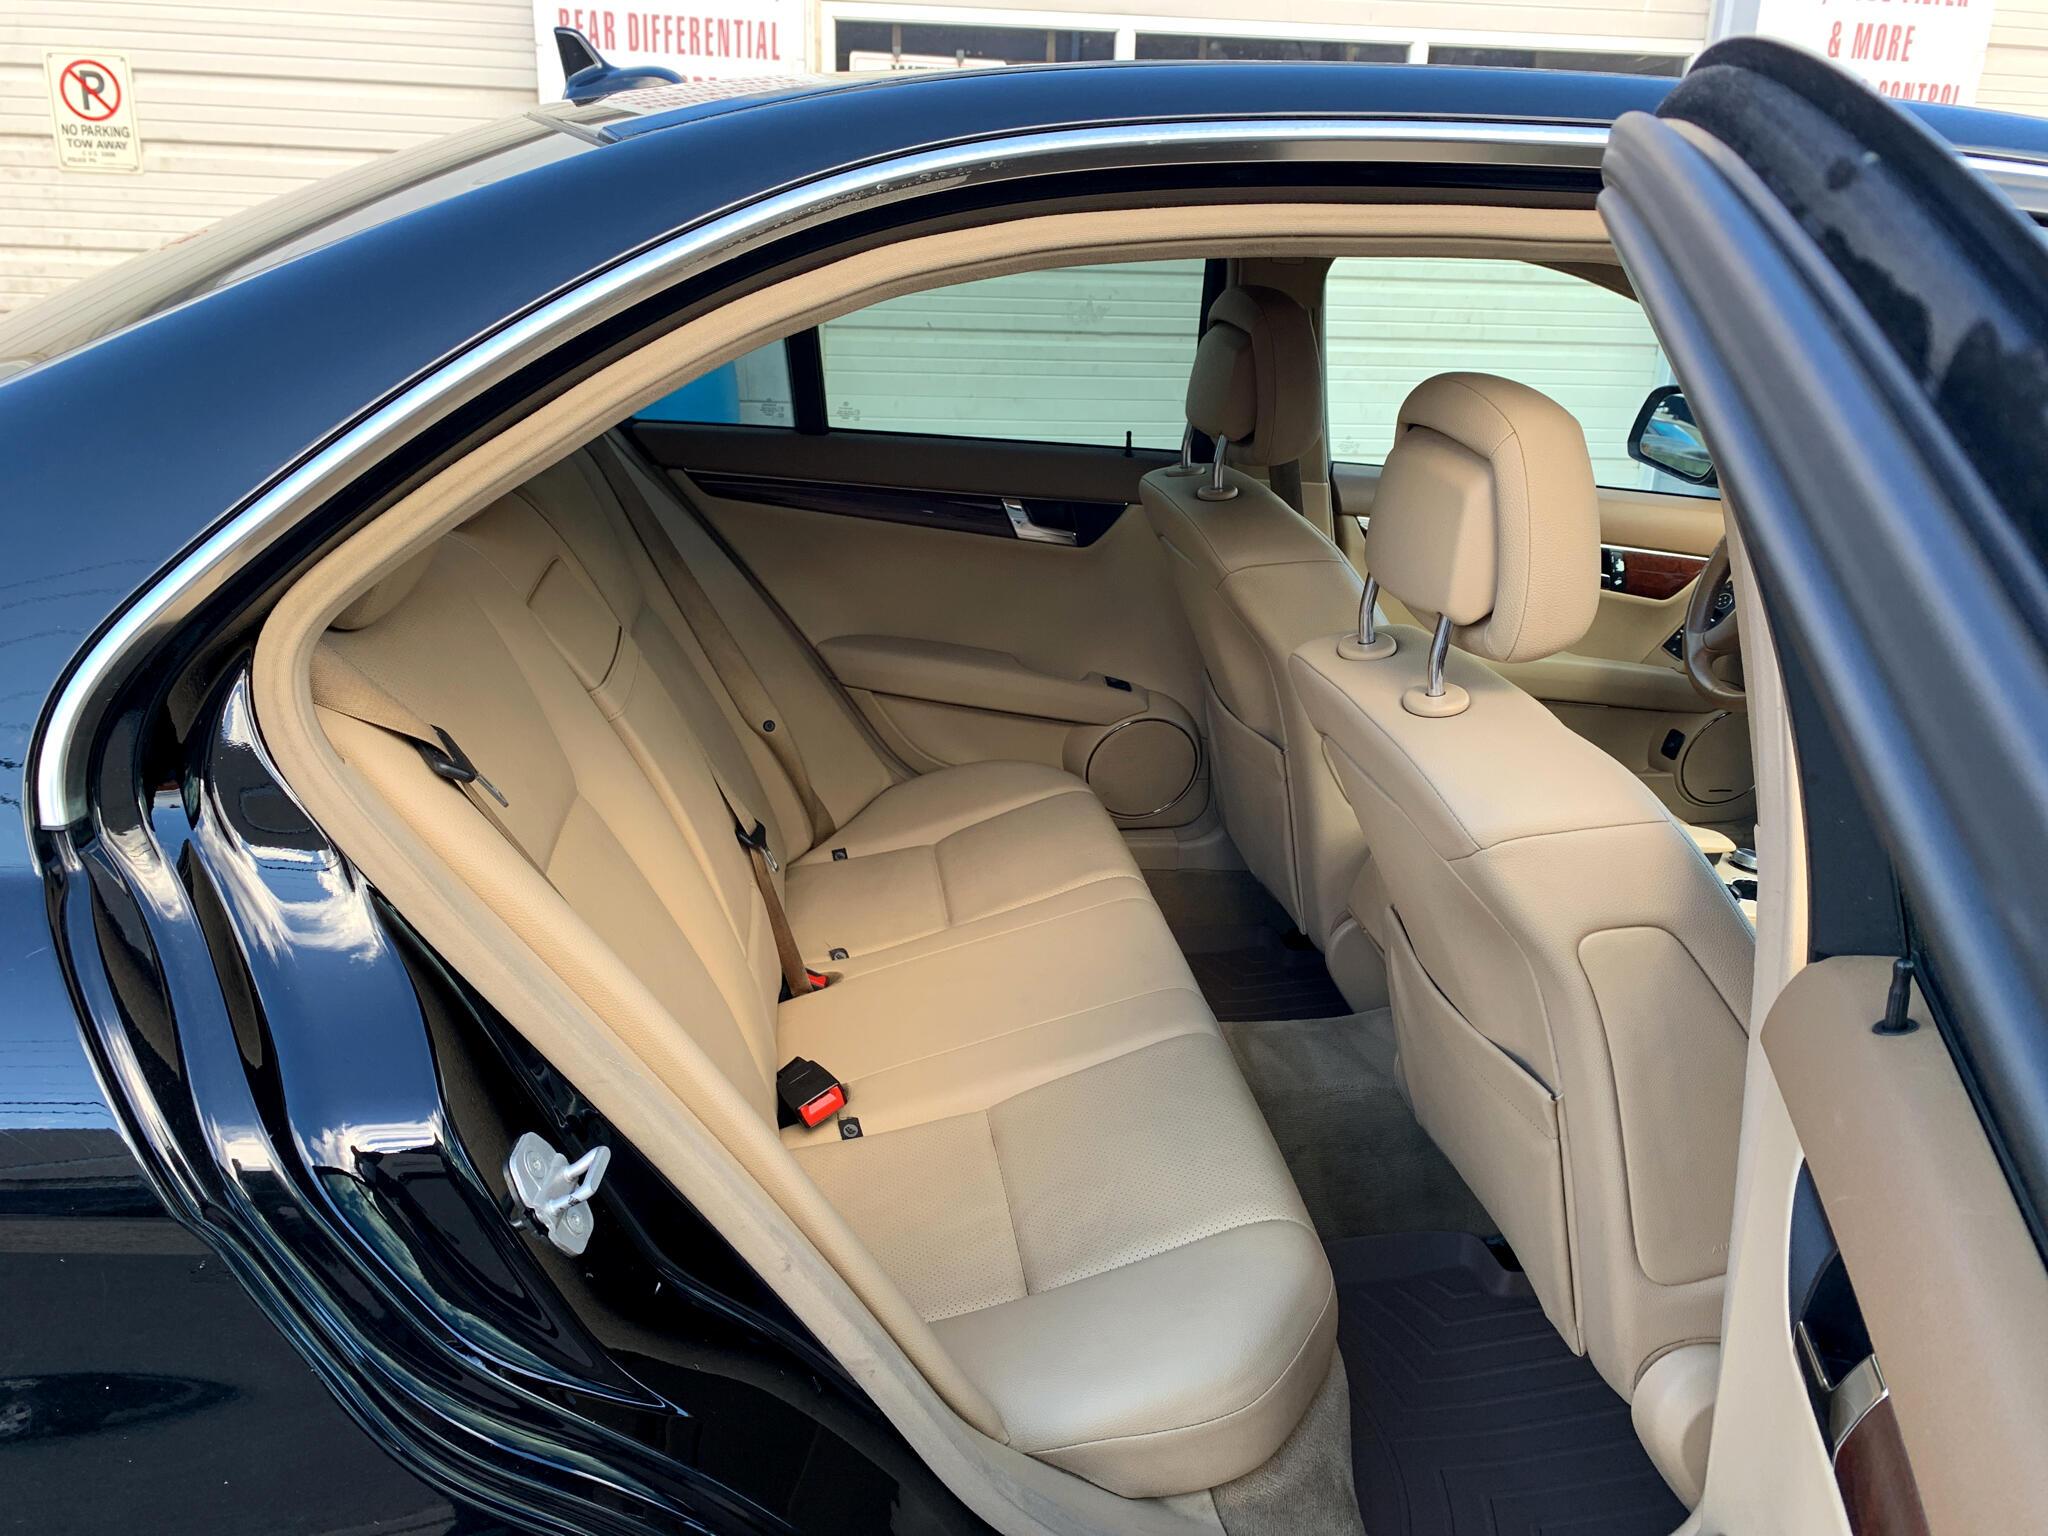 2008 Mercedes-Benz C-Class 4dr Sdn 3.0L Sport 4MATIC